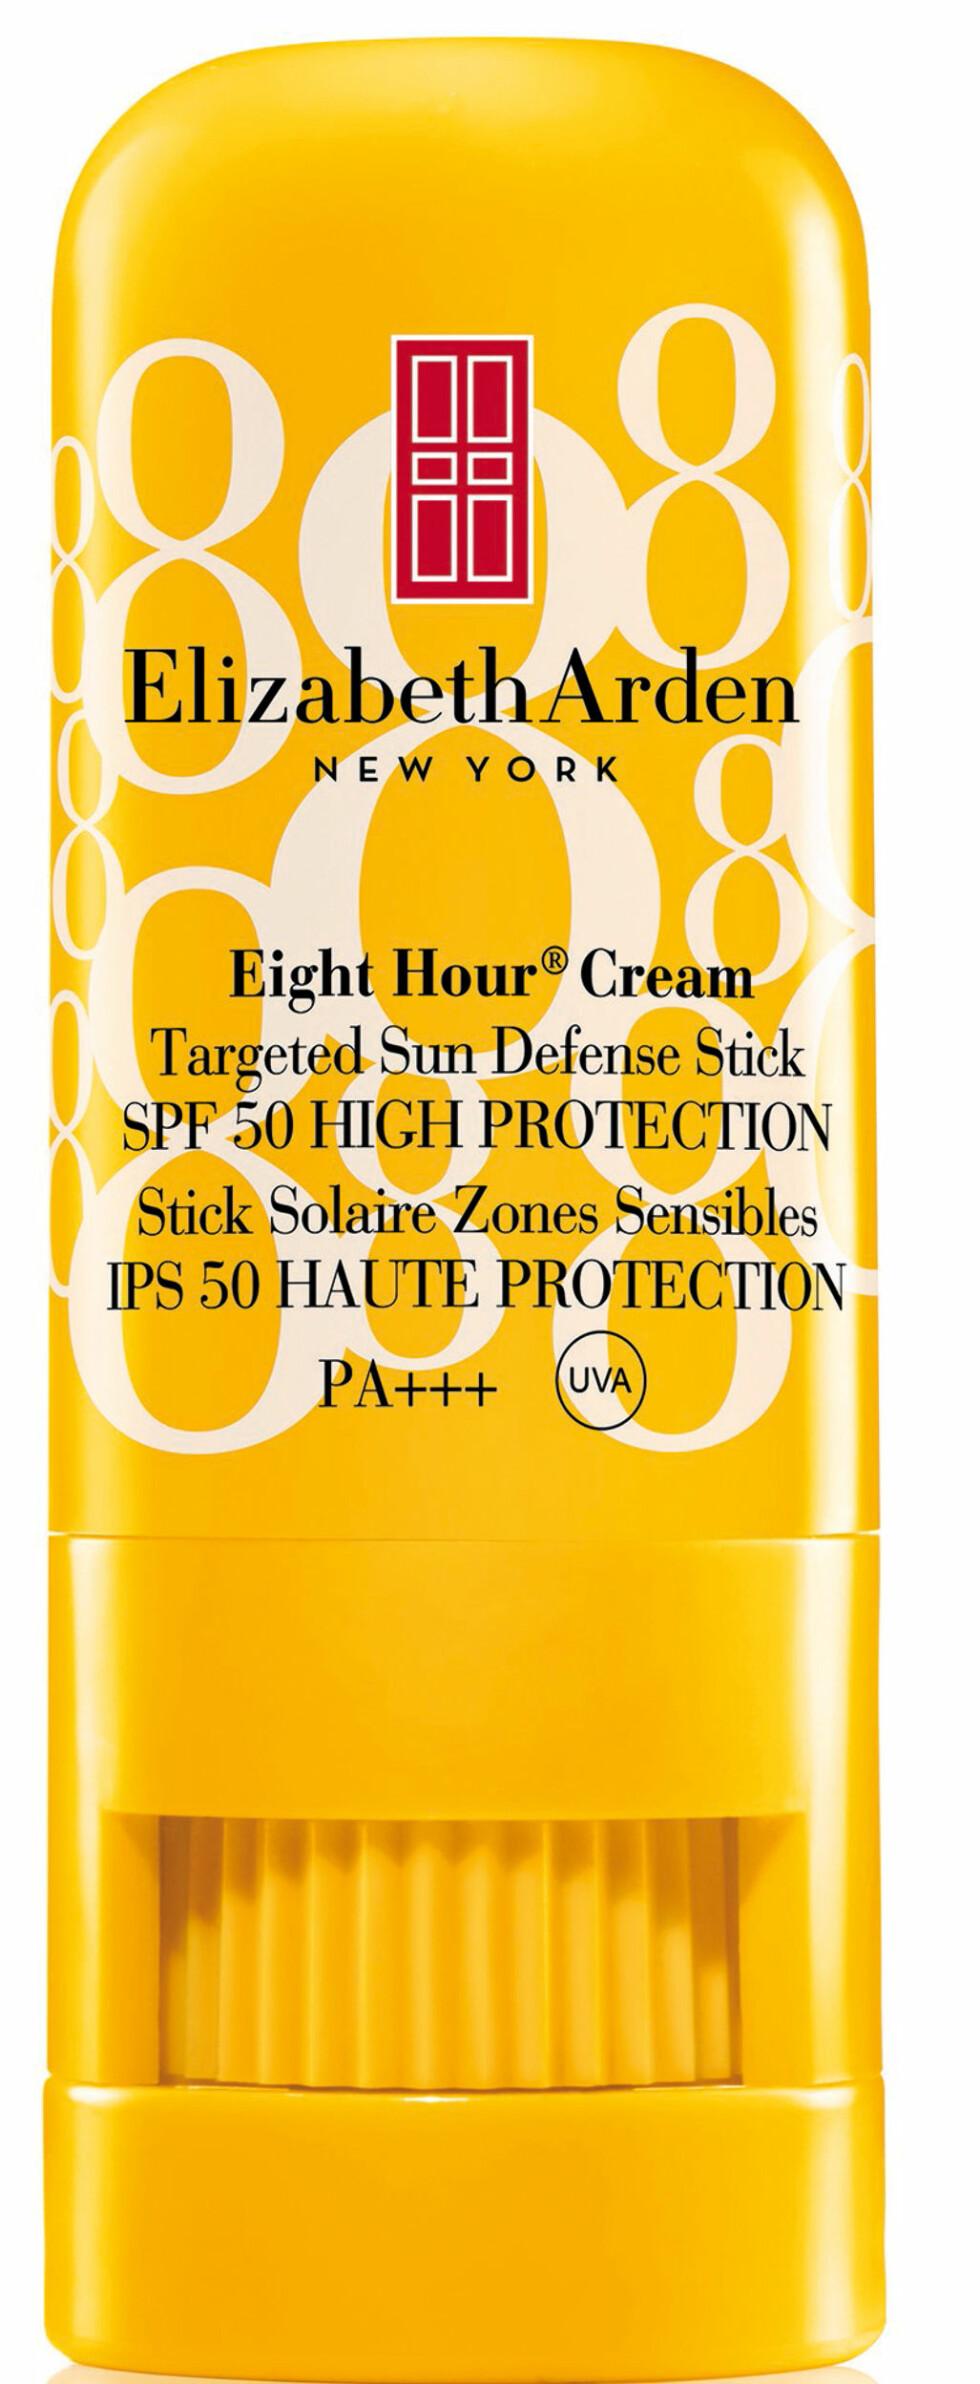 Solstift du bruker på de mest utsatte stedene som nese, kinn og lepper (kr 200, Elizabeth Arden, Eight Hour Cream Targeted Sun Defense Stick SPF 50). Foto: Produsenten